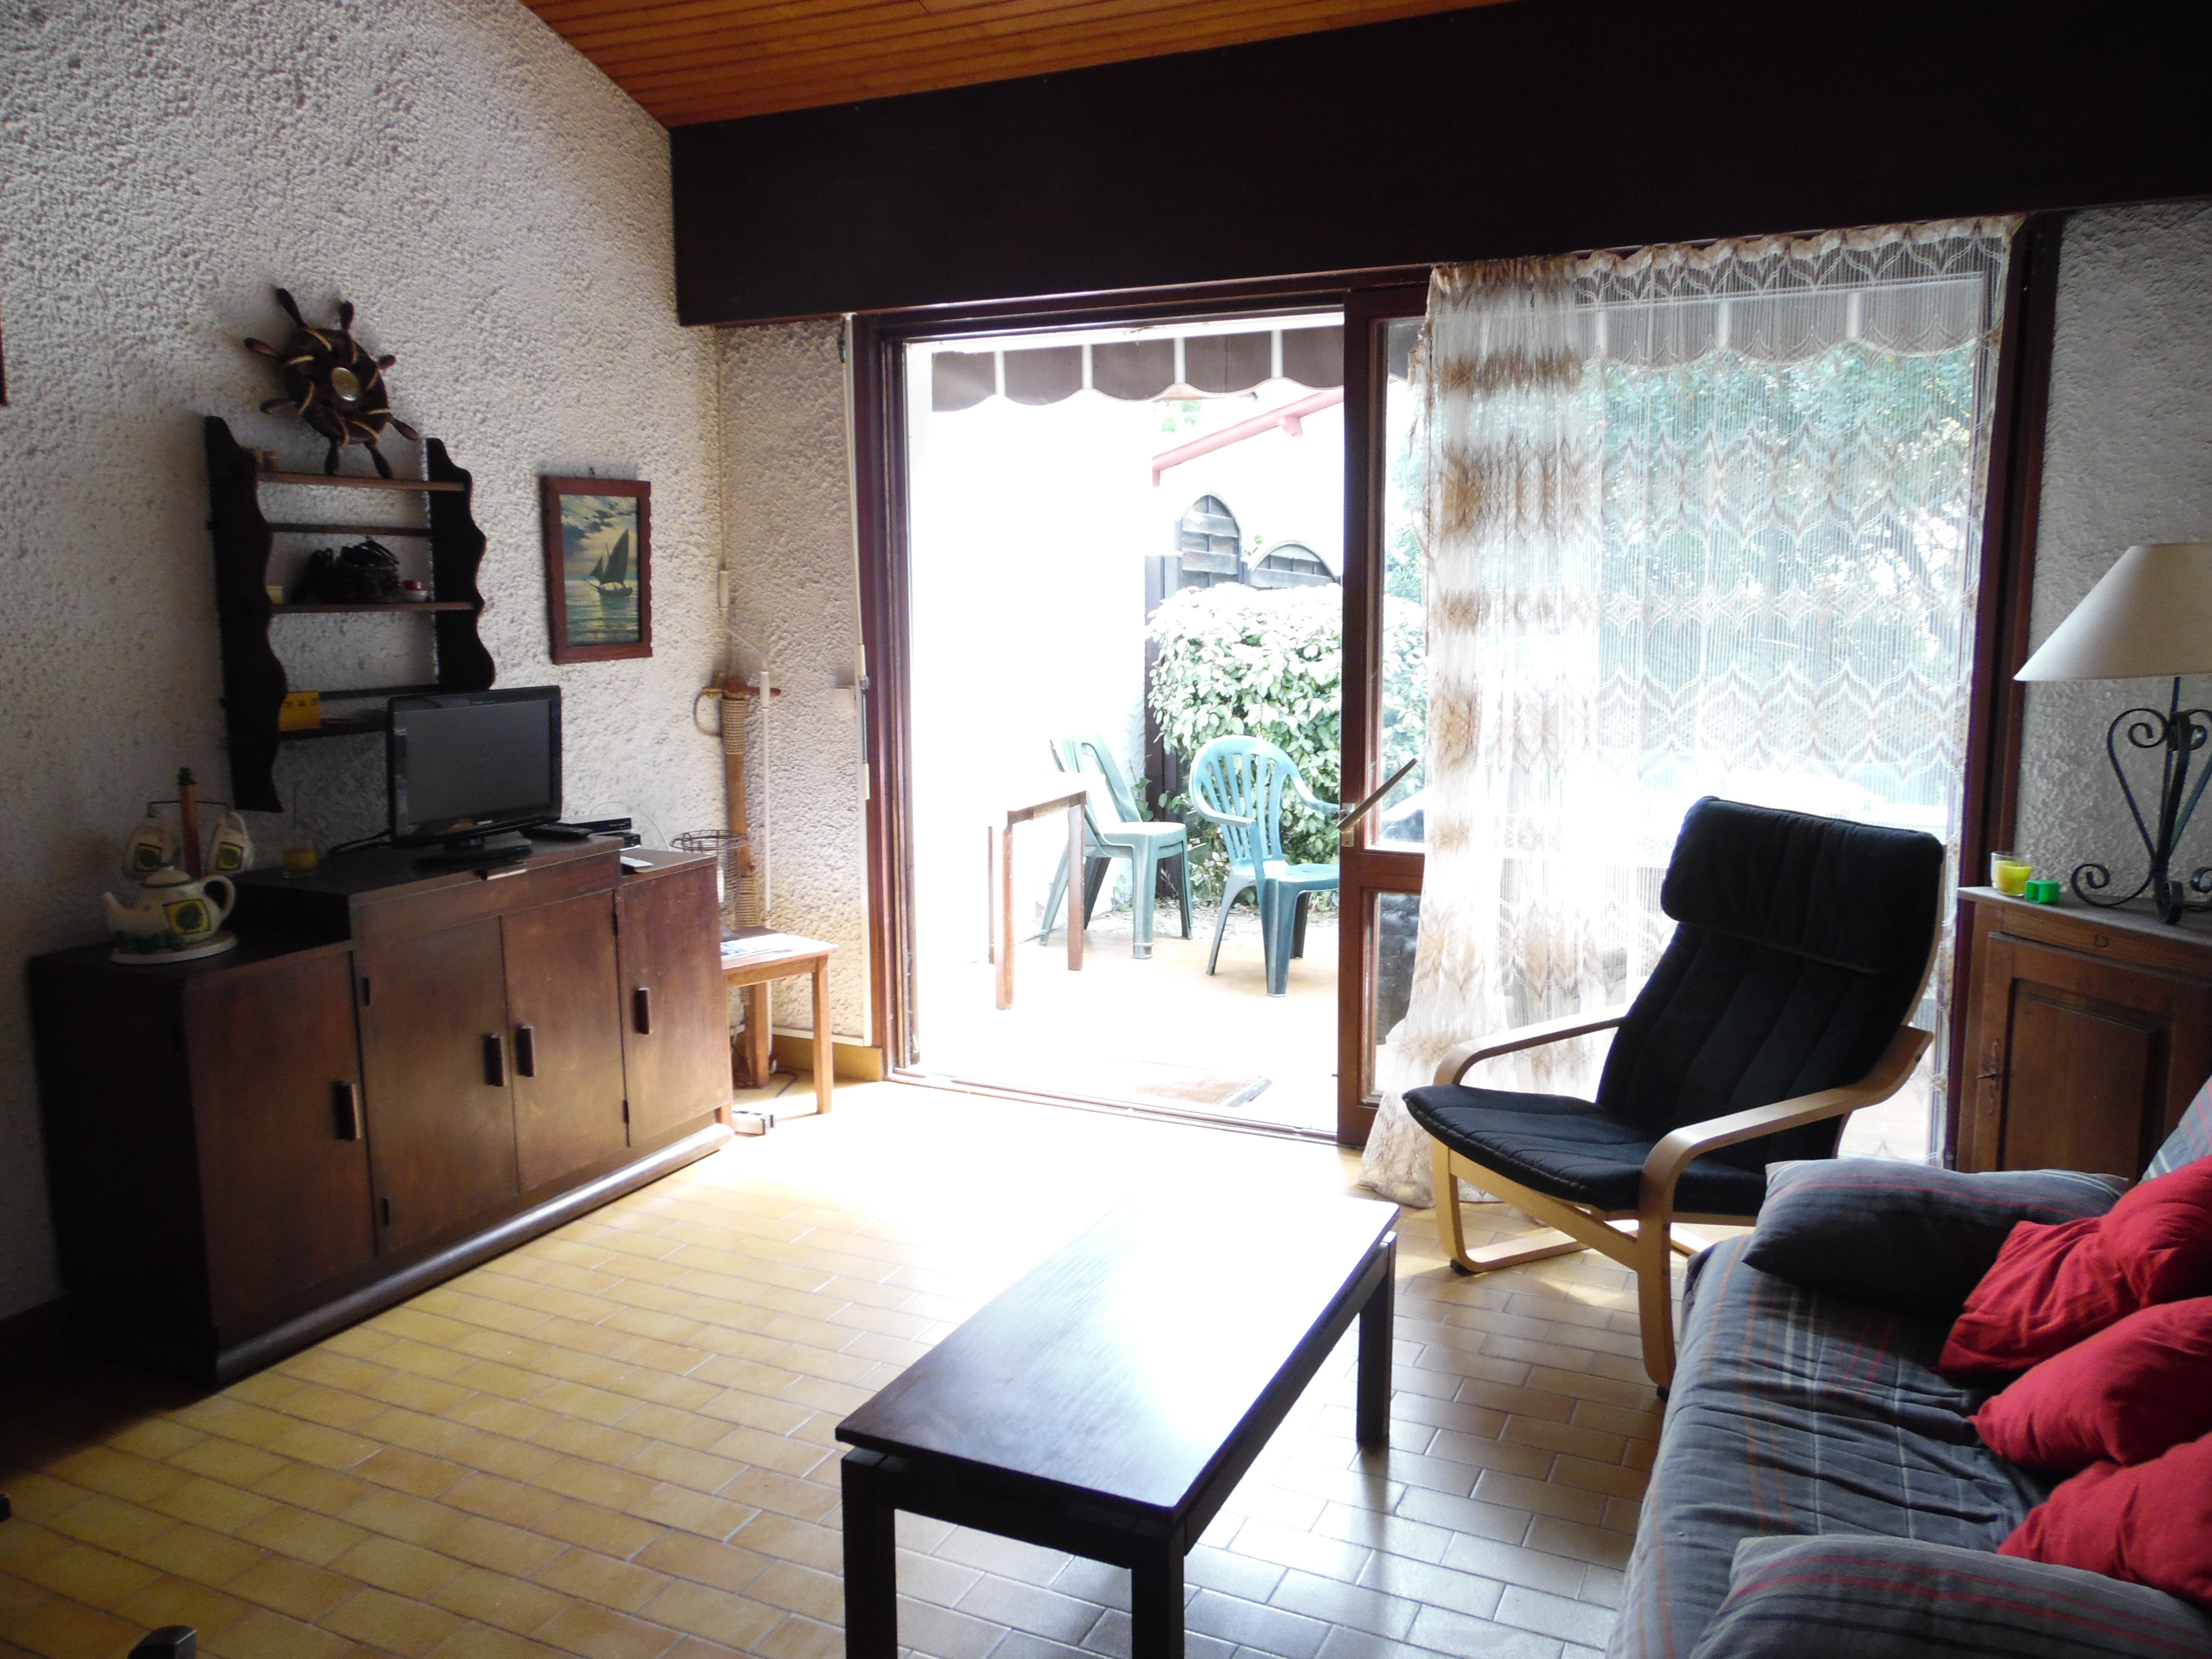 Location de vacances Maisonnette 2 pièces à Mimizan Plage -